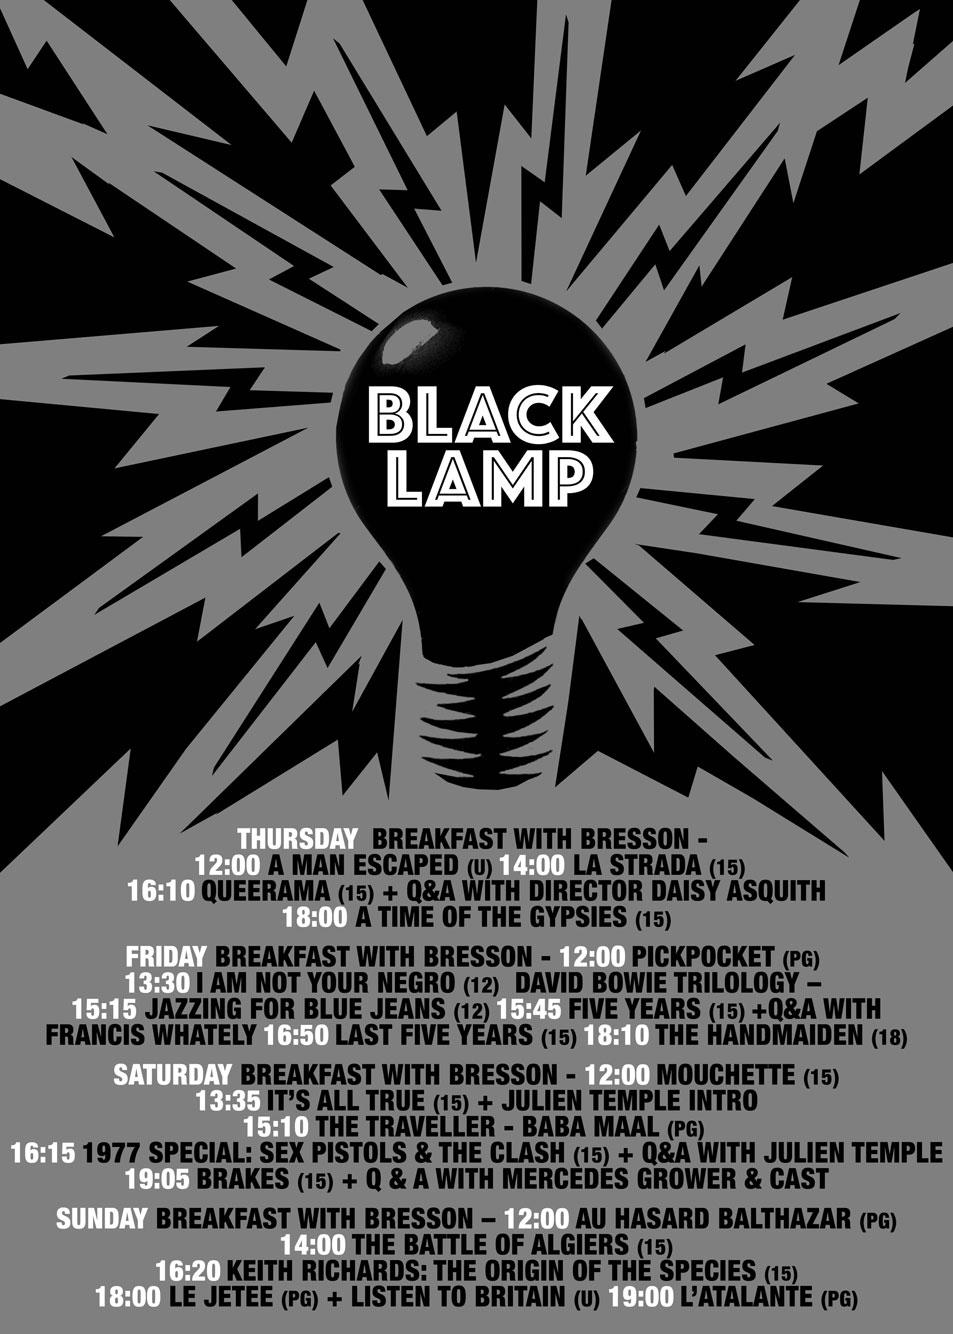 CINER---BLACK-LAMP-Poster-(1)a